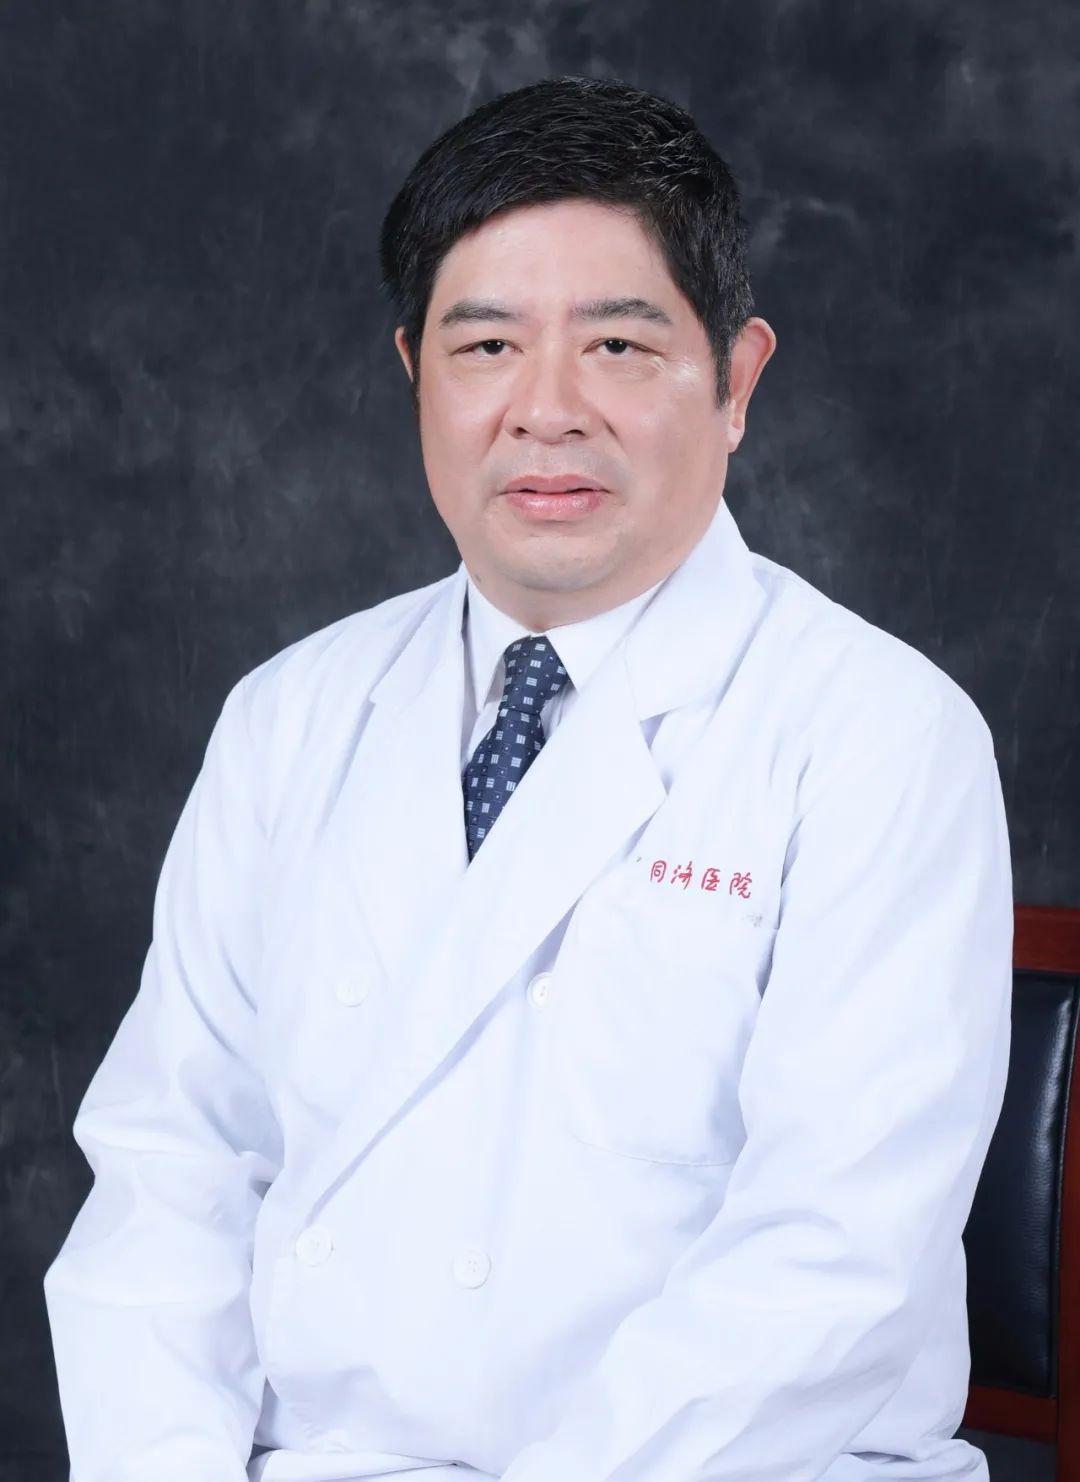 上海市同济医院邱忠民教授提醒广大市民吸烟对呼吸系统有以下损害